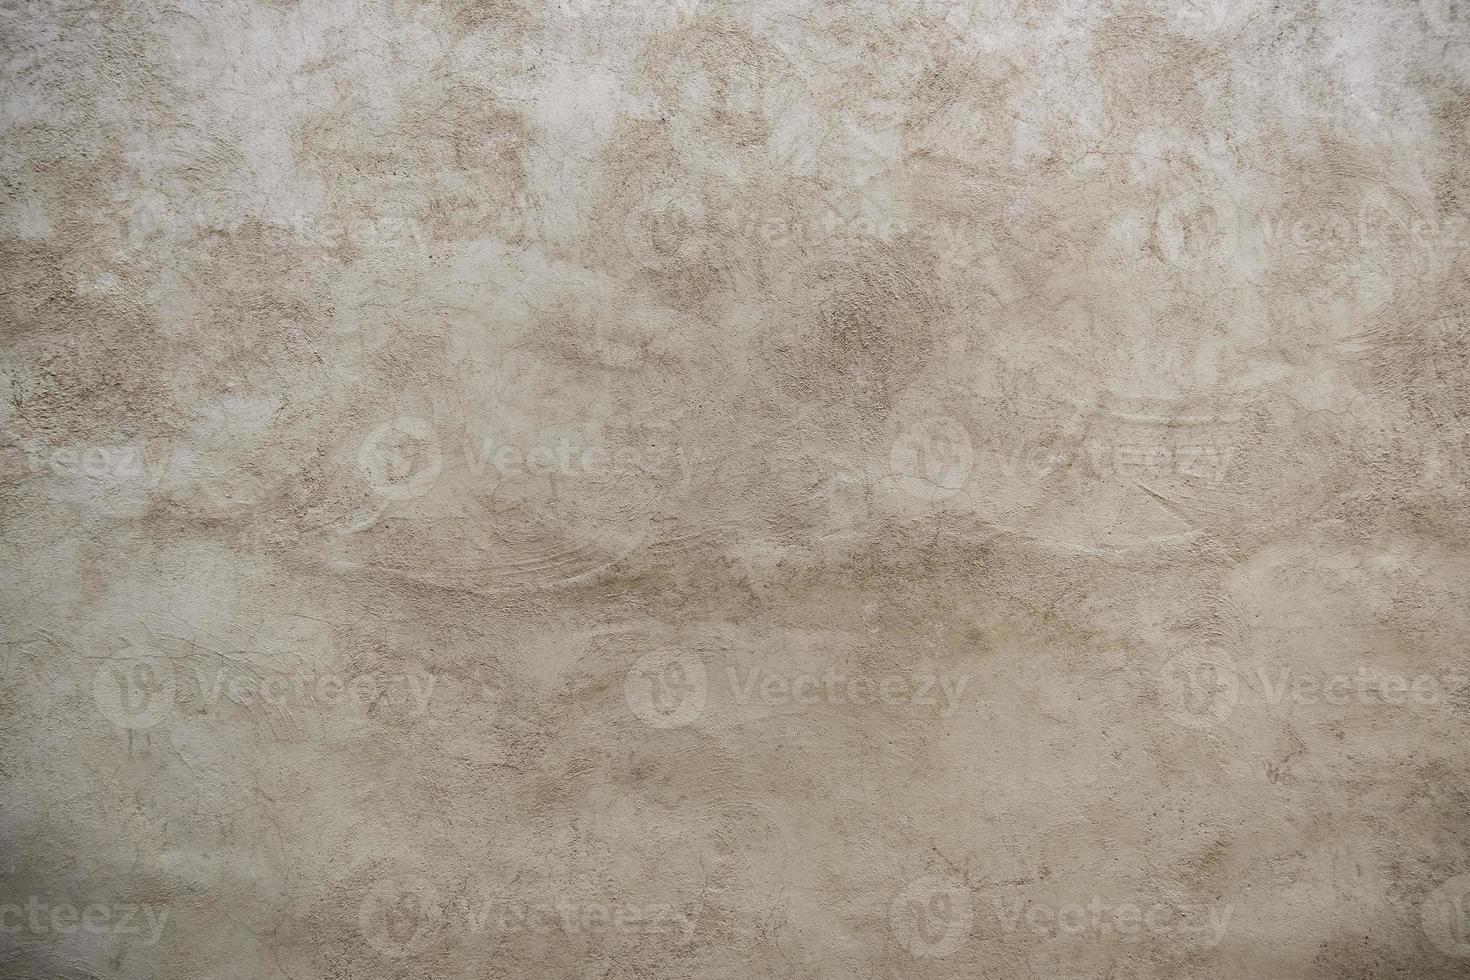 muro di cemento con umidità foto